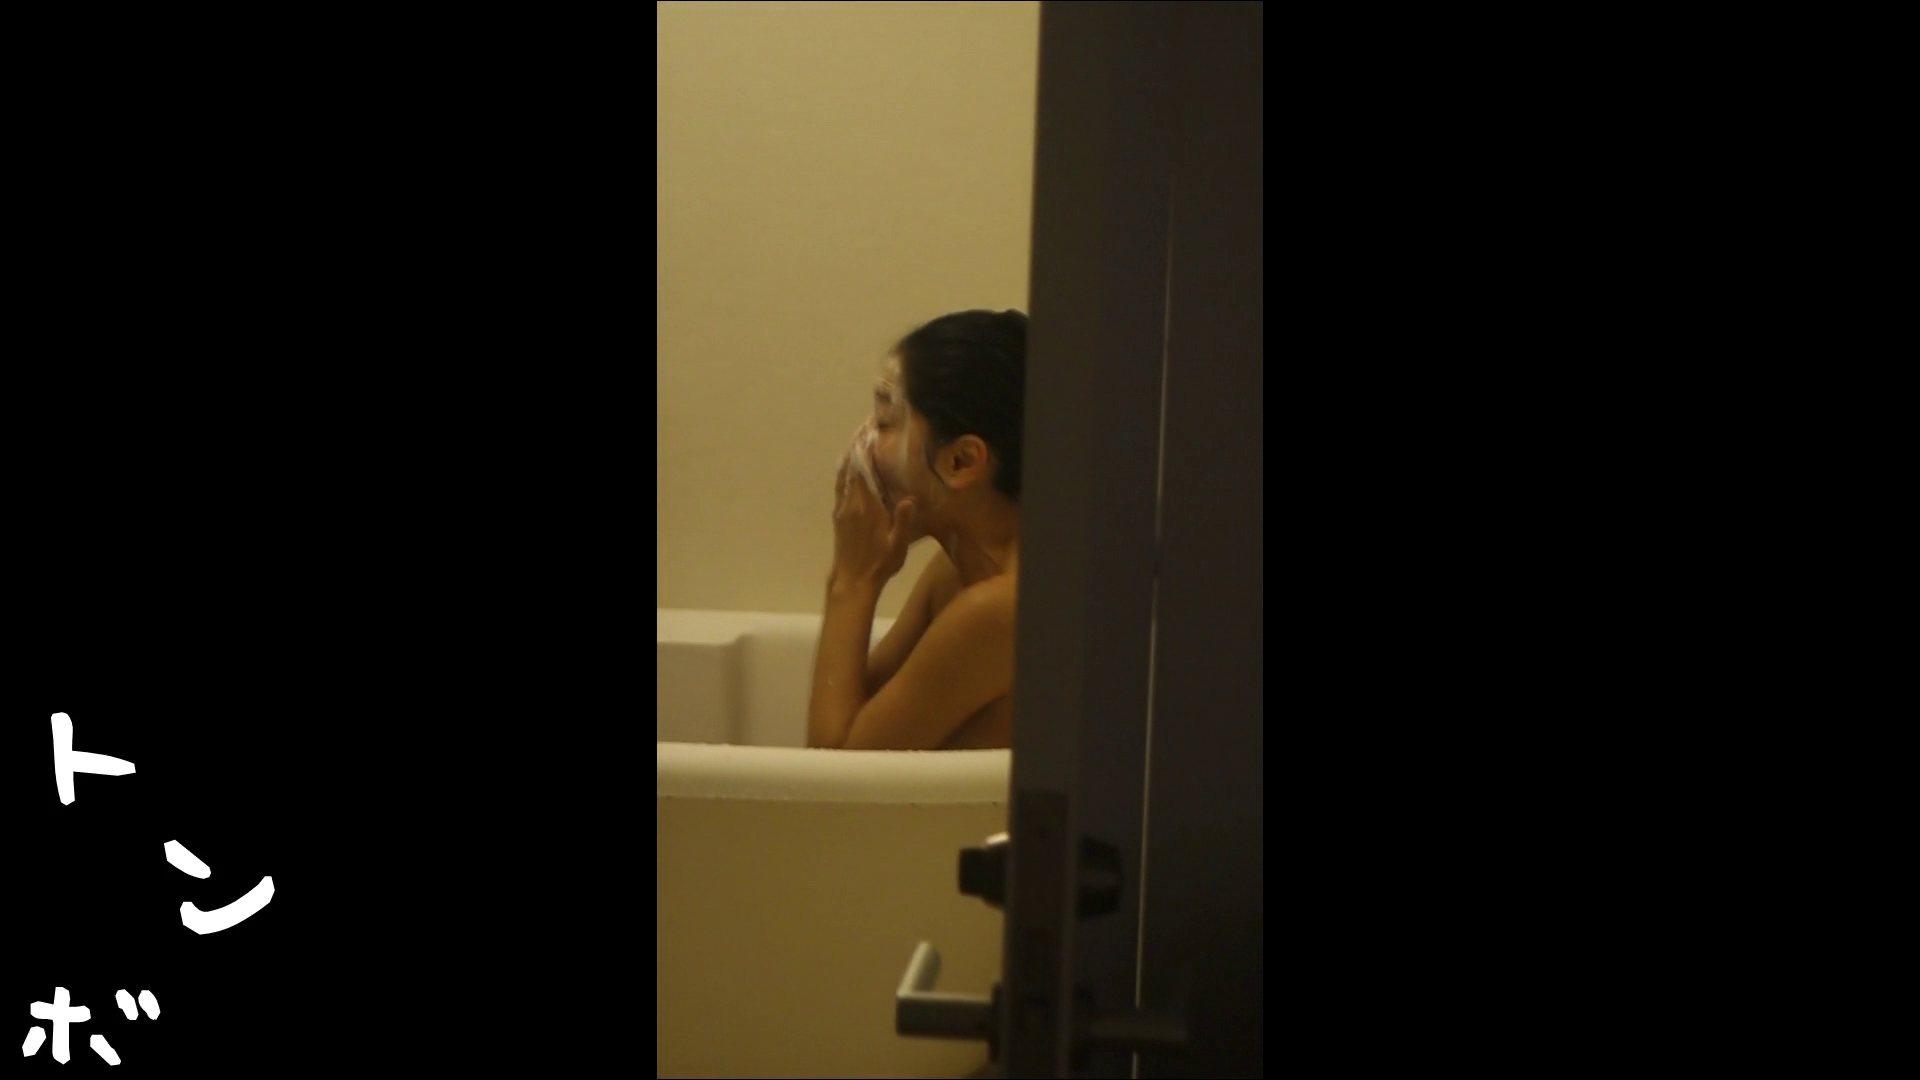 リアル盗撮 オナニー有り!現役モデルのシャワーシーン1 高画質動画 AV無料動画キャプチャ 51画像 37